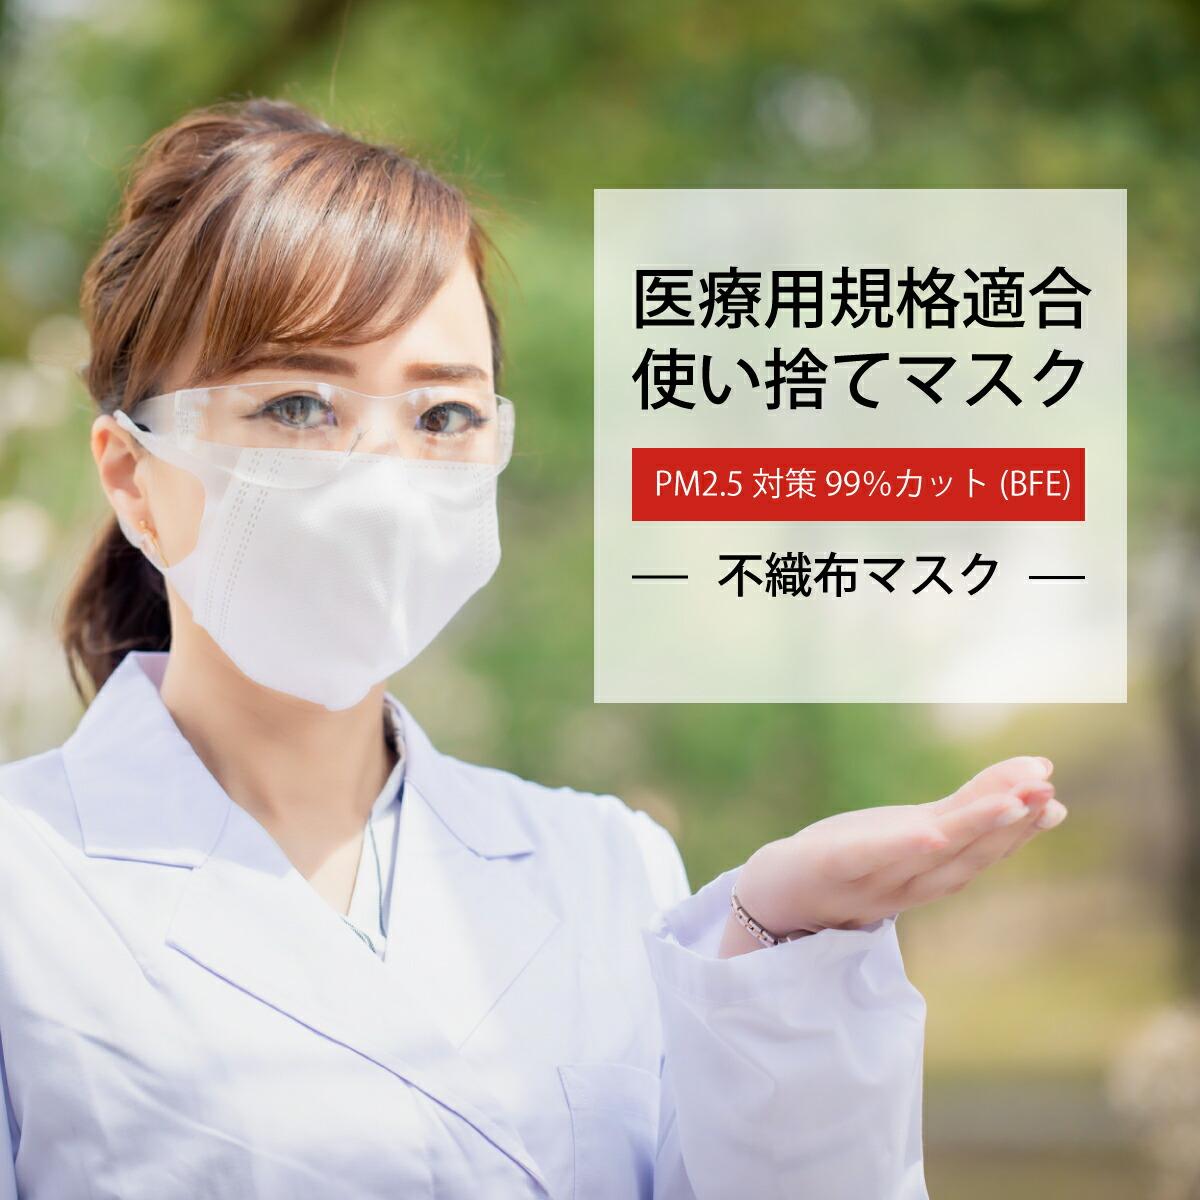 医療マスク